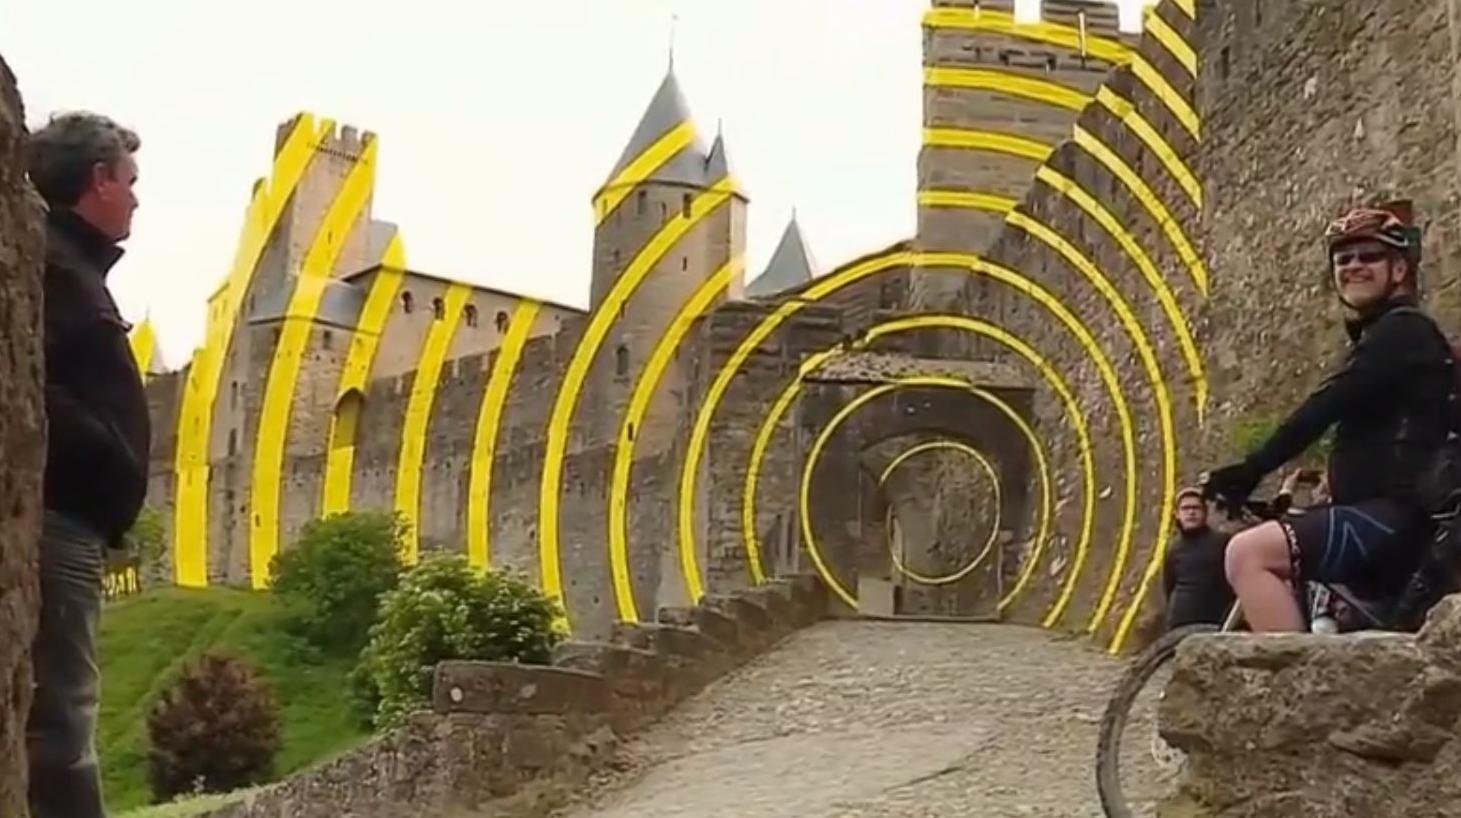 carcassonne des cercles jaunes sur les remparts s ment la discorde. Black Bedroom Furniture Sets. Home Design Ideas